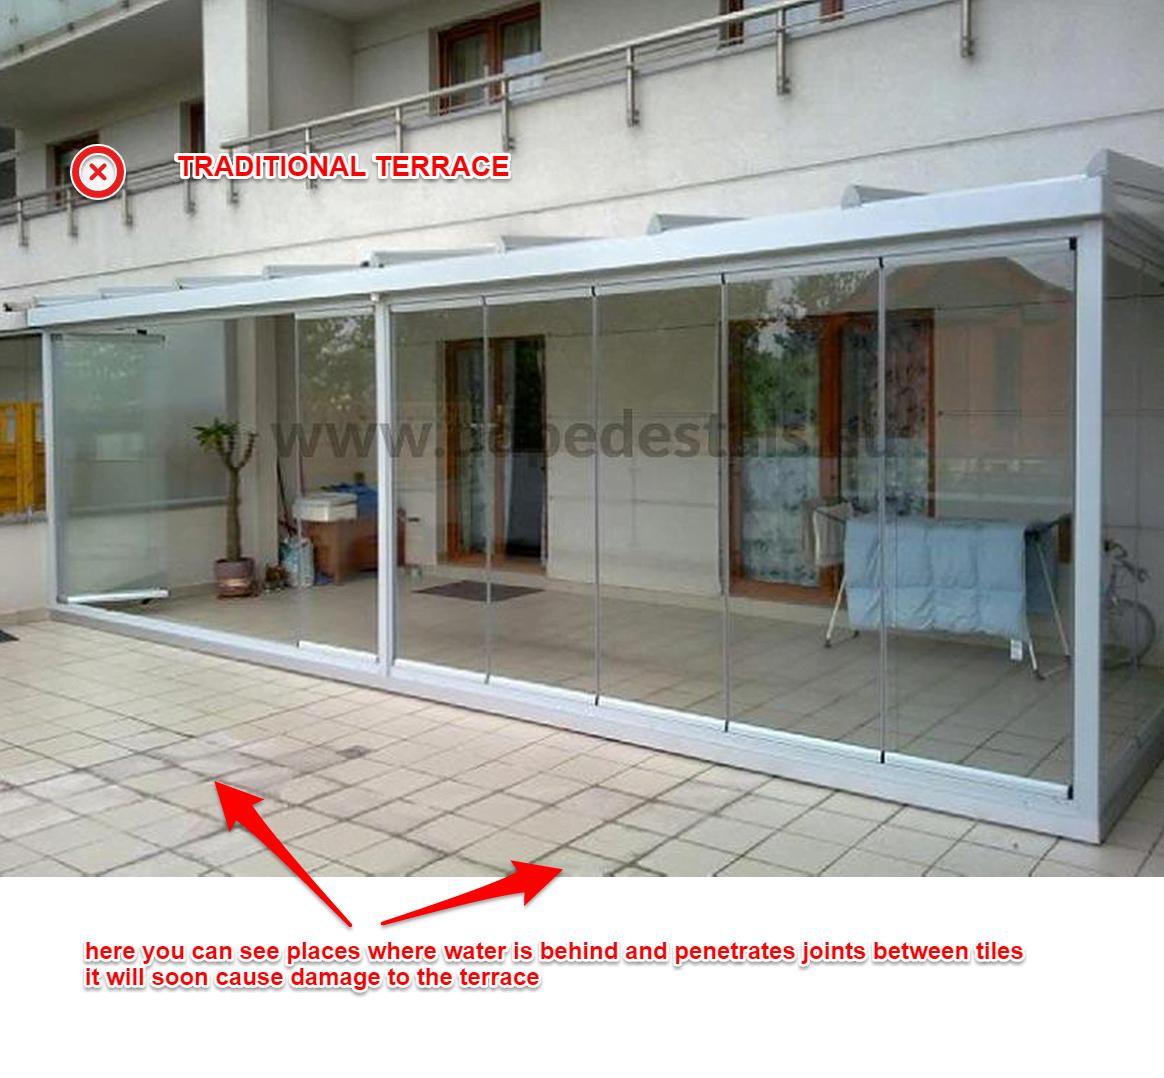 Renovation - terrace - falling - tiles - balcony repair